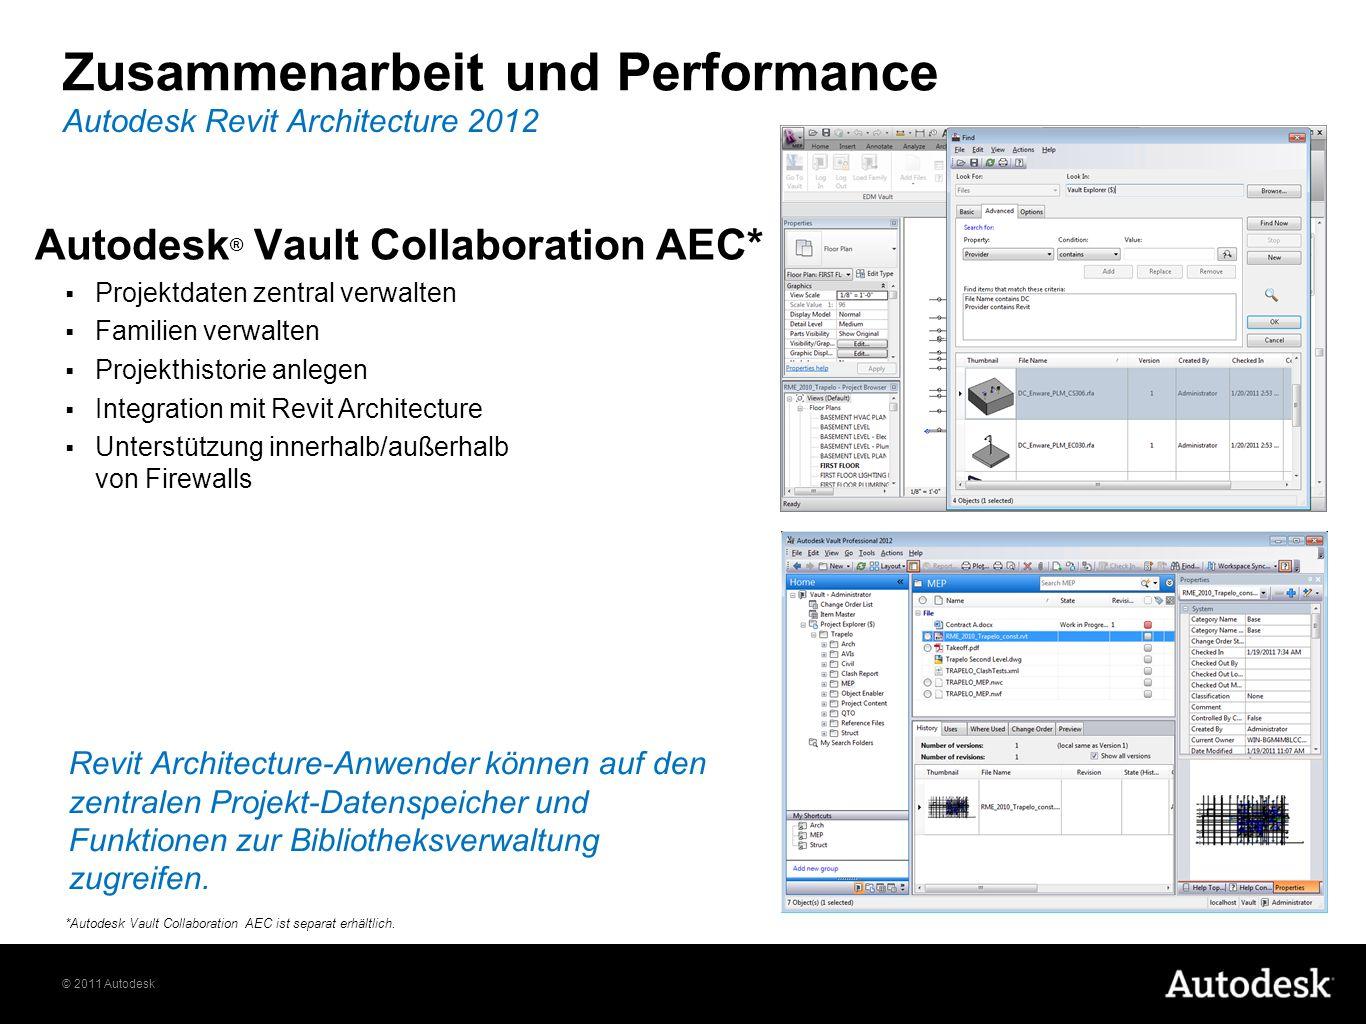 © 2011 Autodesk Zusammenarbeit und Performance Autodesk ® Vault Collaboration AEC* Projektdaten zentral verwalten Familien verwalten Projekthistorie anlegen Integration mit Revit Architecture Unterstützung innerhalb/außerhalb von Firewalls Autodesk Revit Architecture 2012 *Autodesk Vault Collaboration AEC ist separat erhältlich.